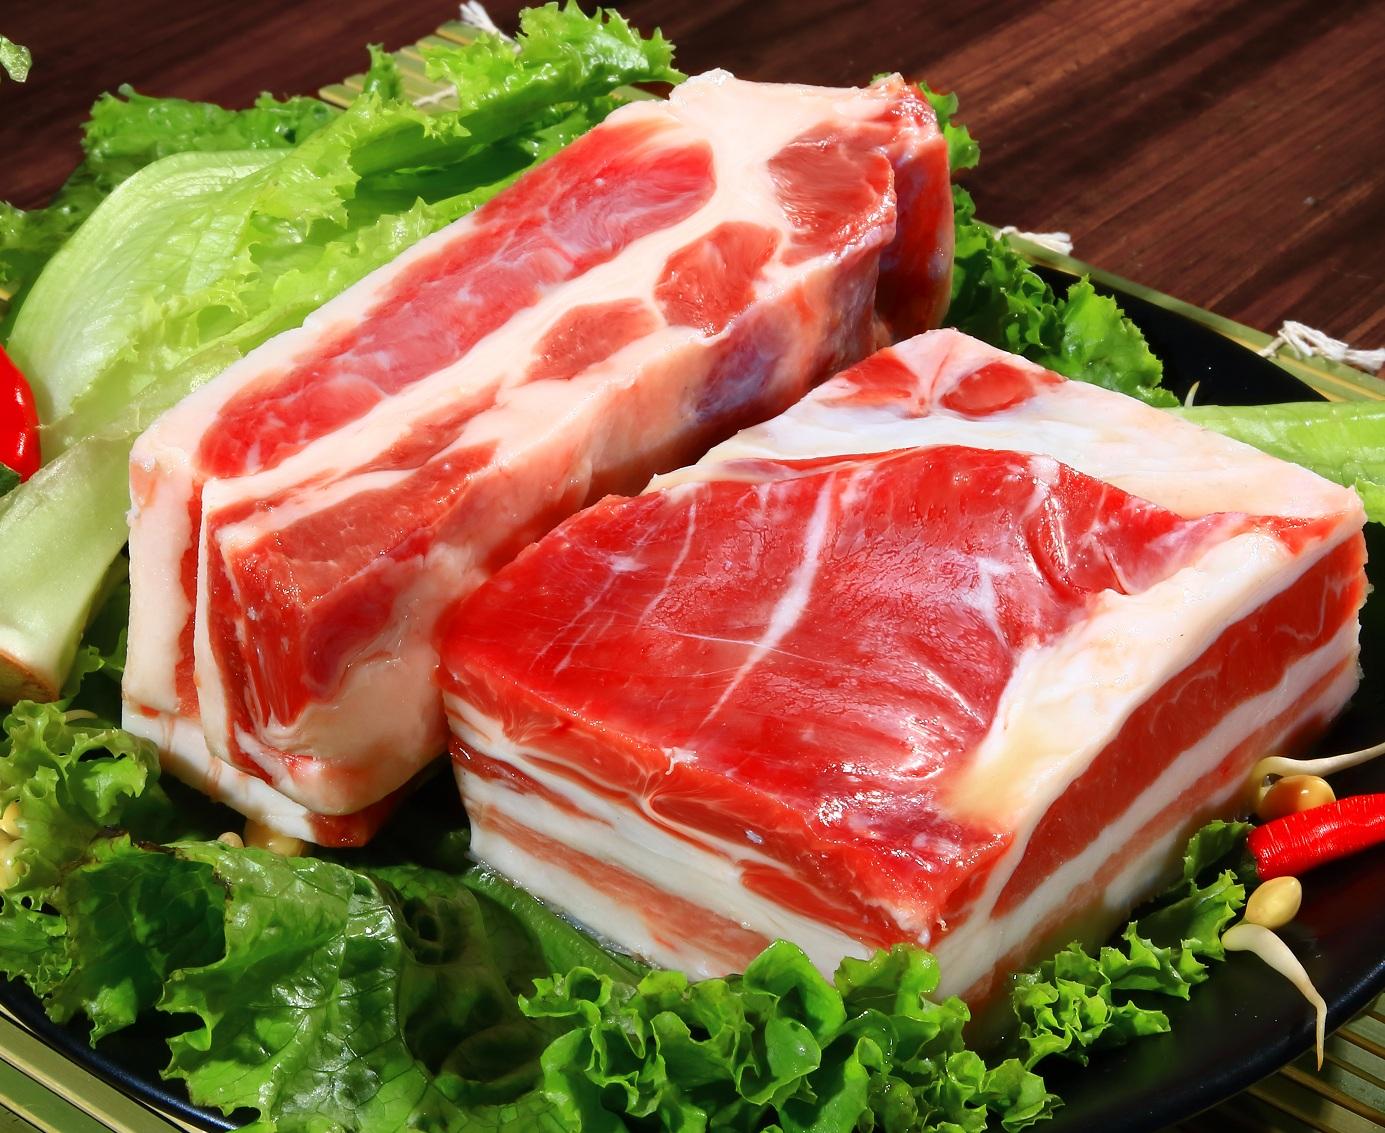 华储网:4月29日中央储备冻猪肉投放竞价交易2万吨